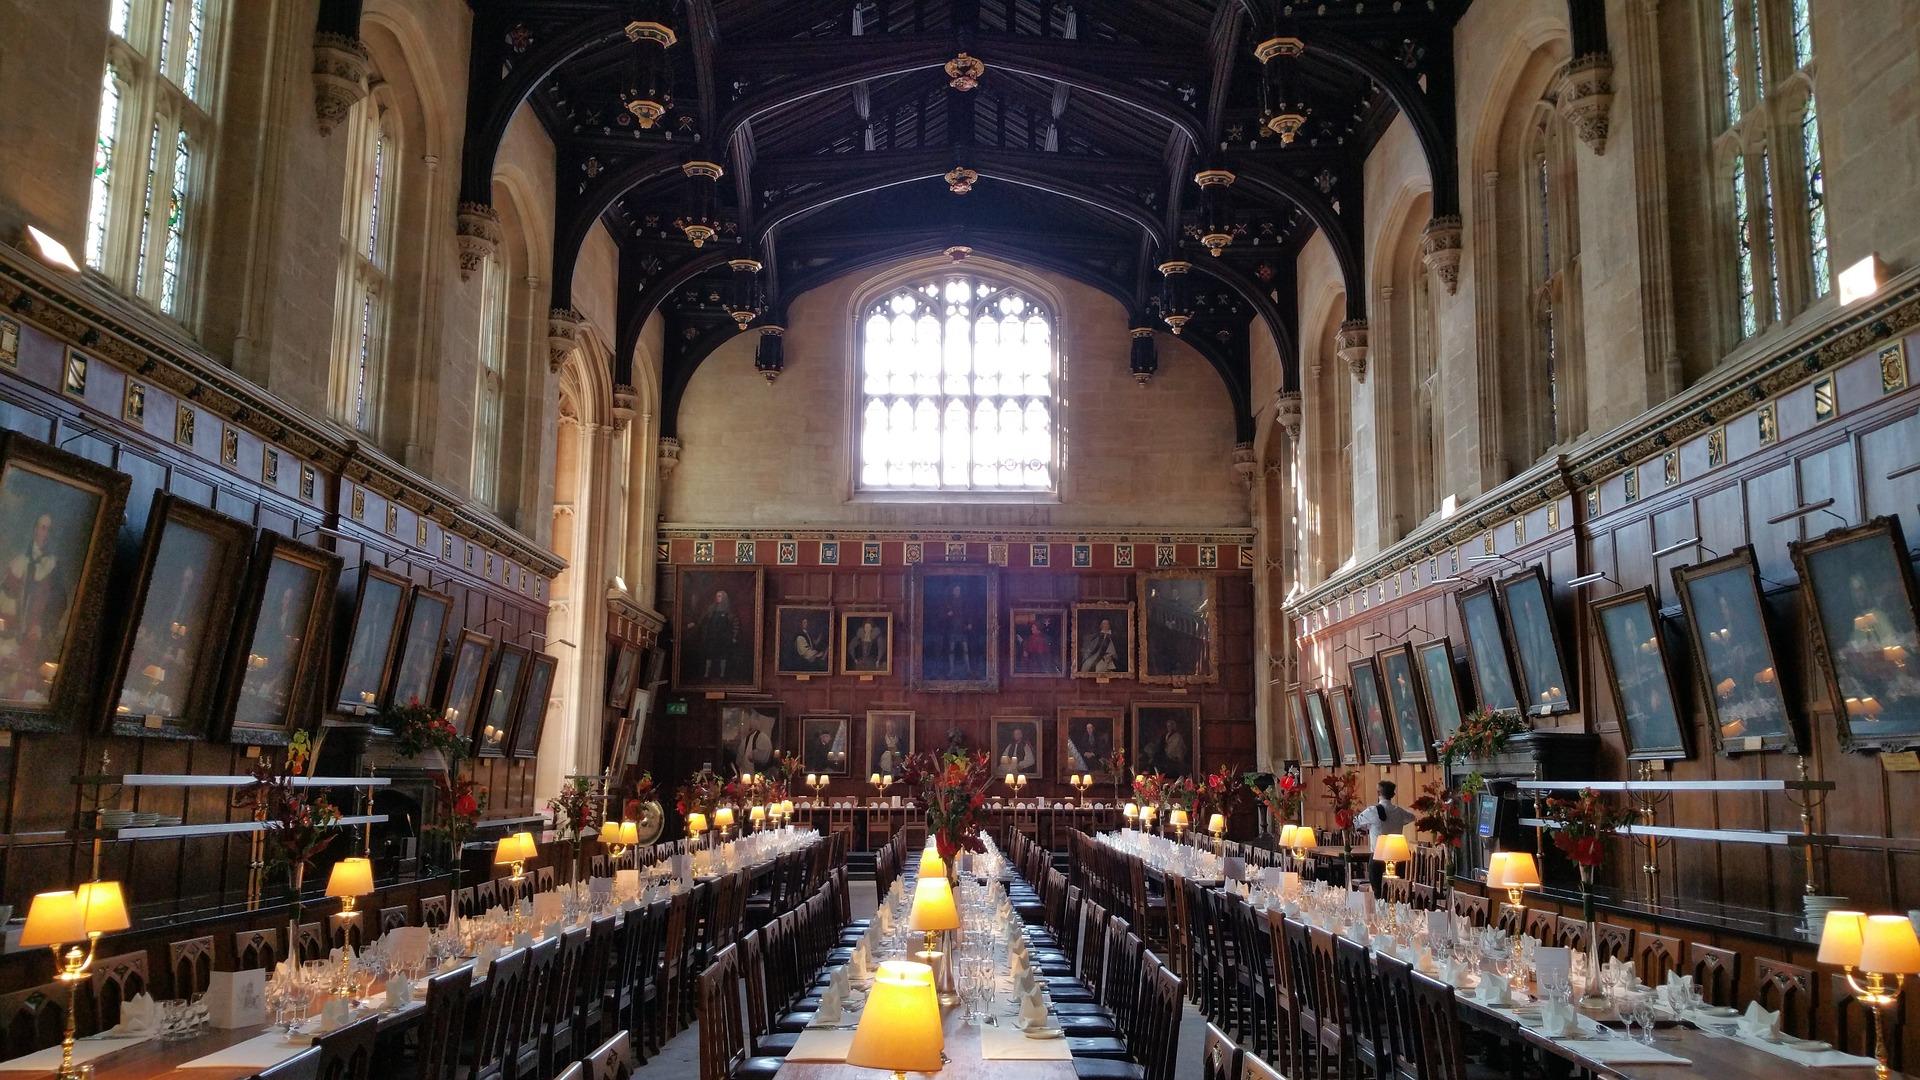 Gesamtpaket Reiseangebot von Harry Potter in London einfach selber kombinieren